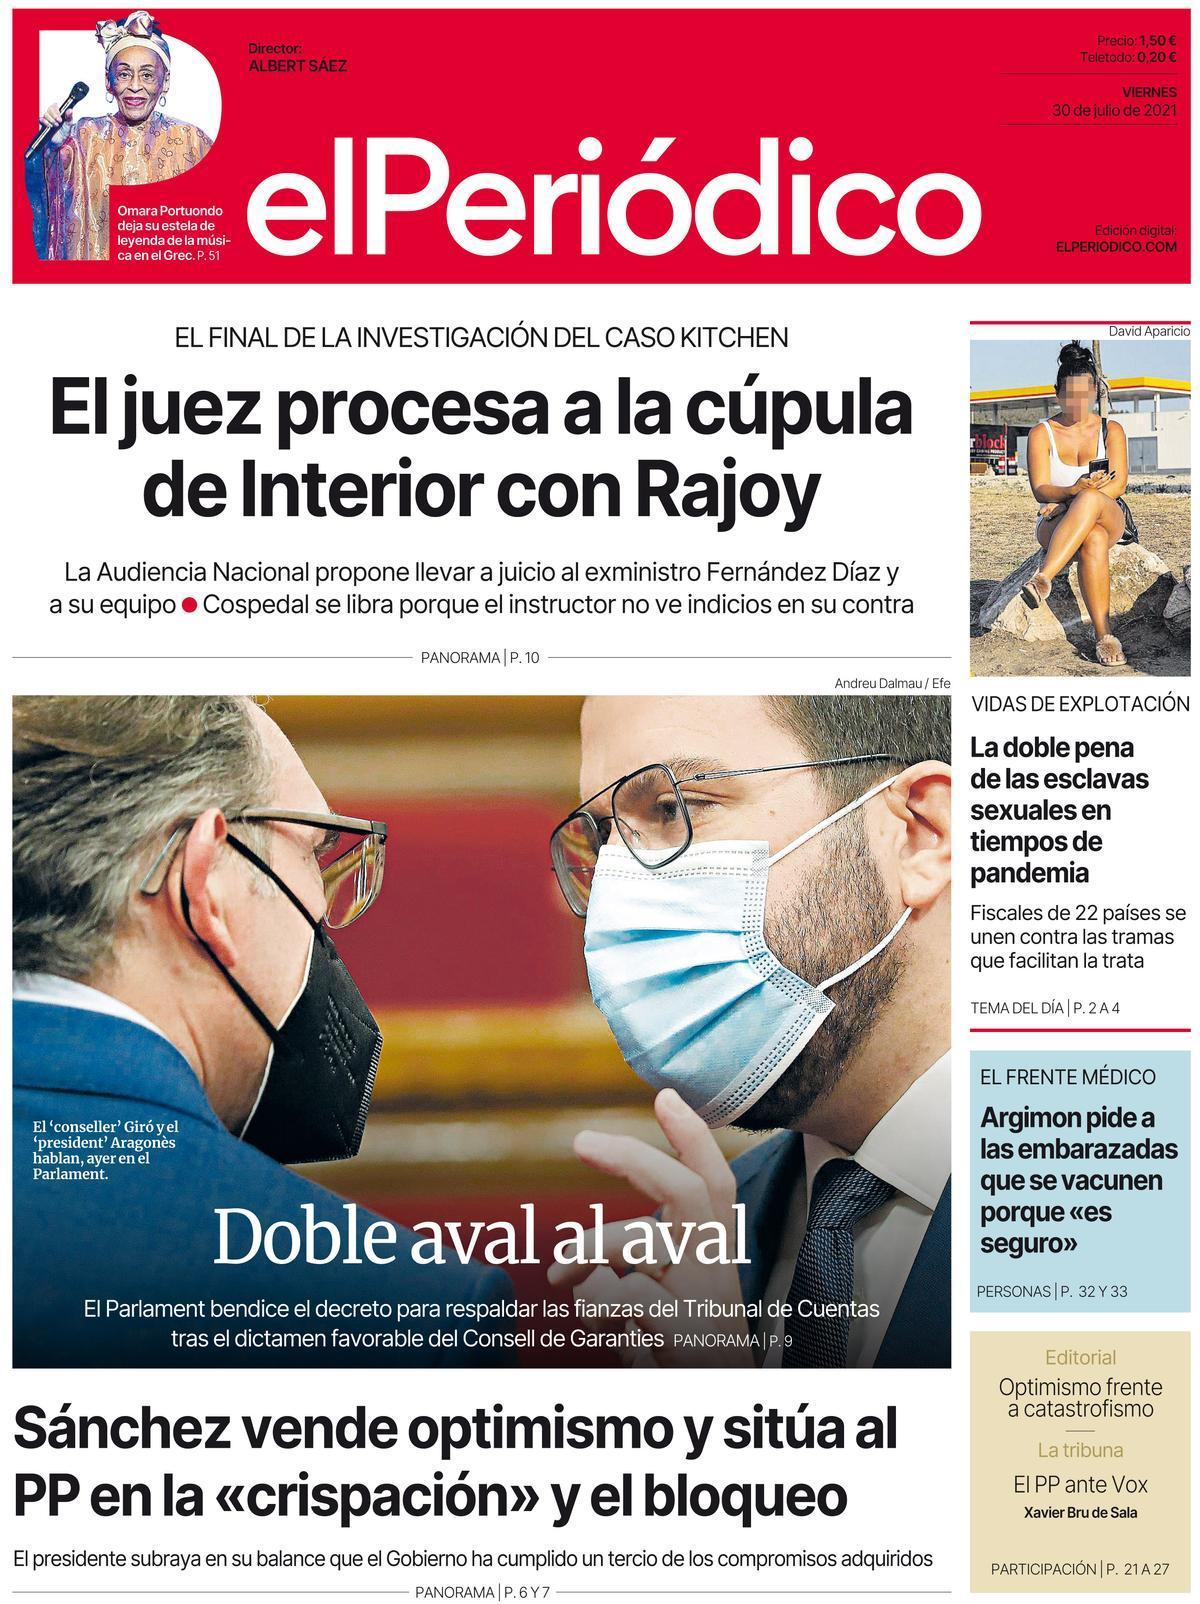 La portada de EL PERIÓDICO del 30 de julio de 2021